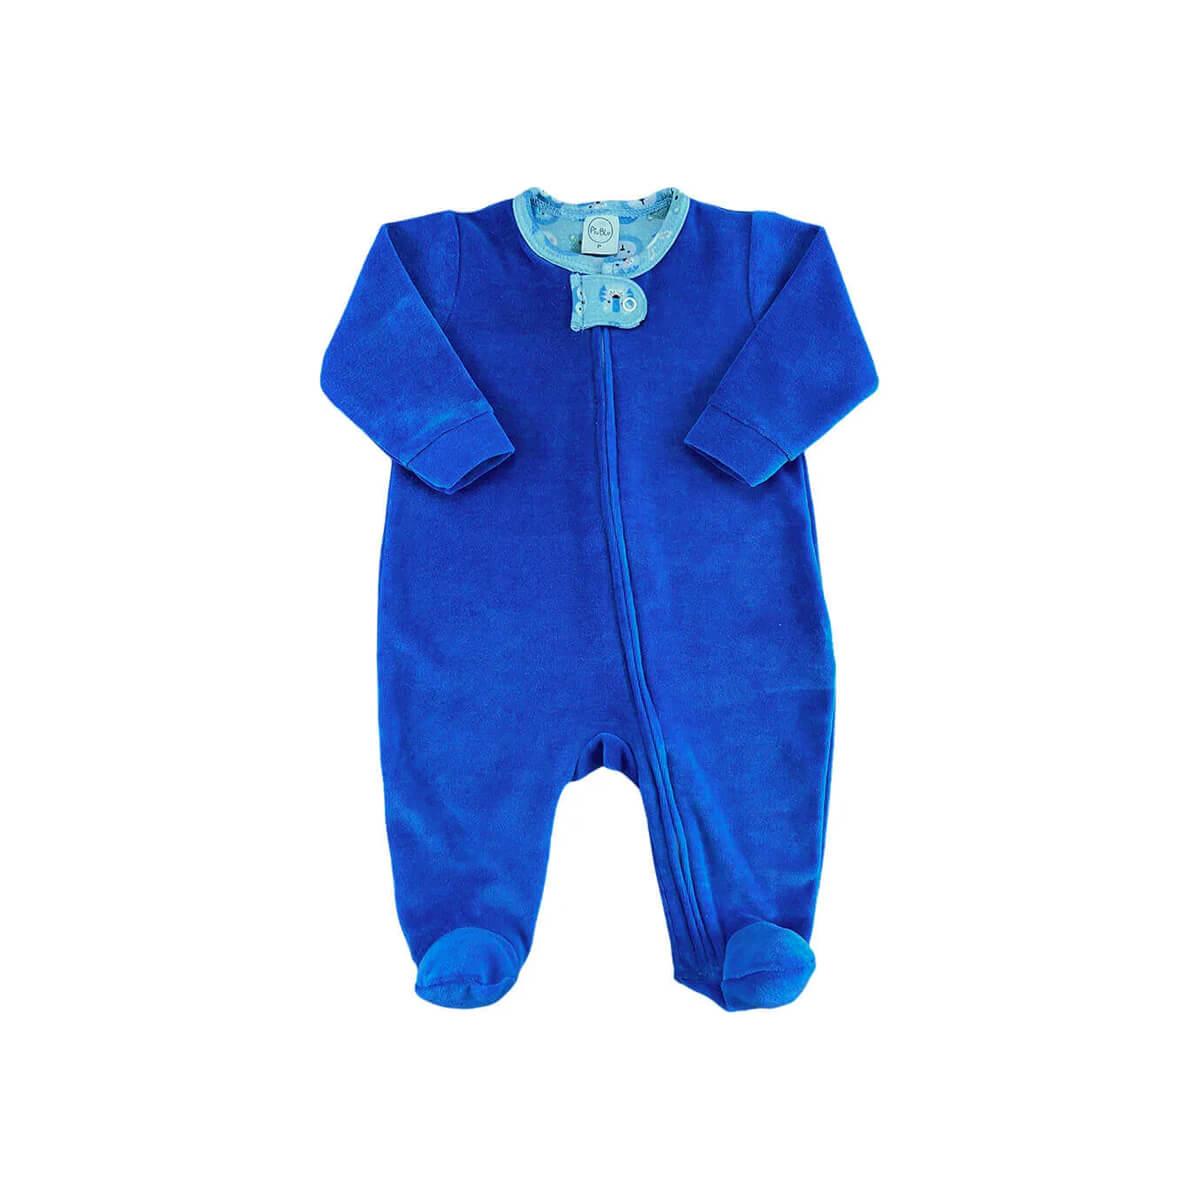 Macacão Plush Zíper Azul Bichinhos - Tamanhos RN e P com pezinho; M, G e XG sem pezinho